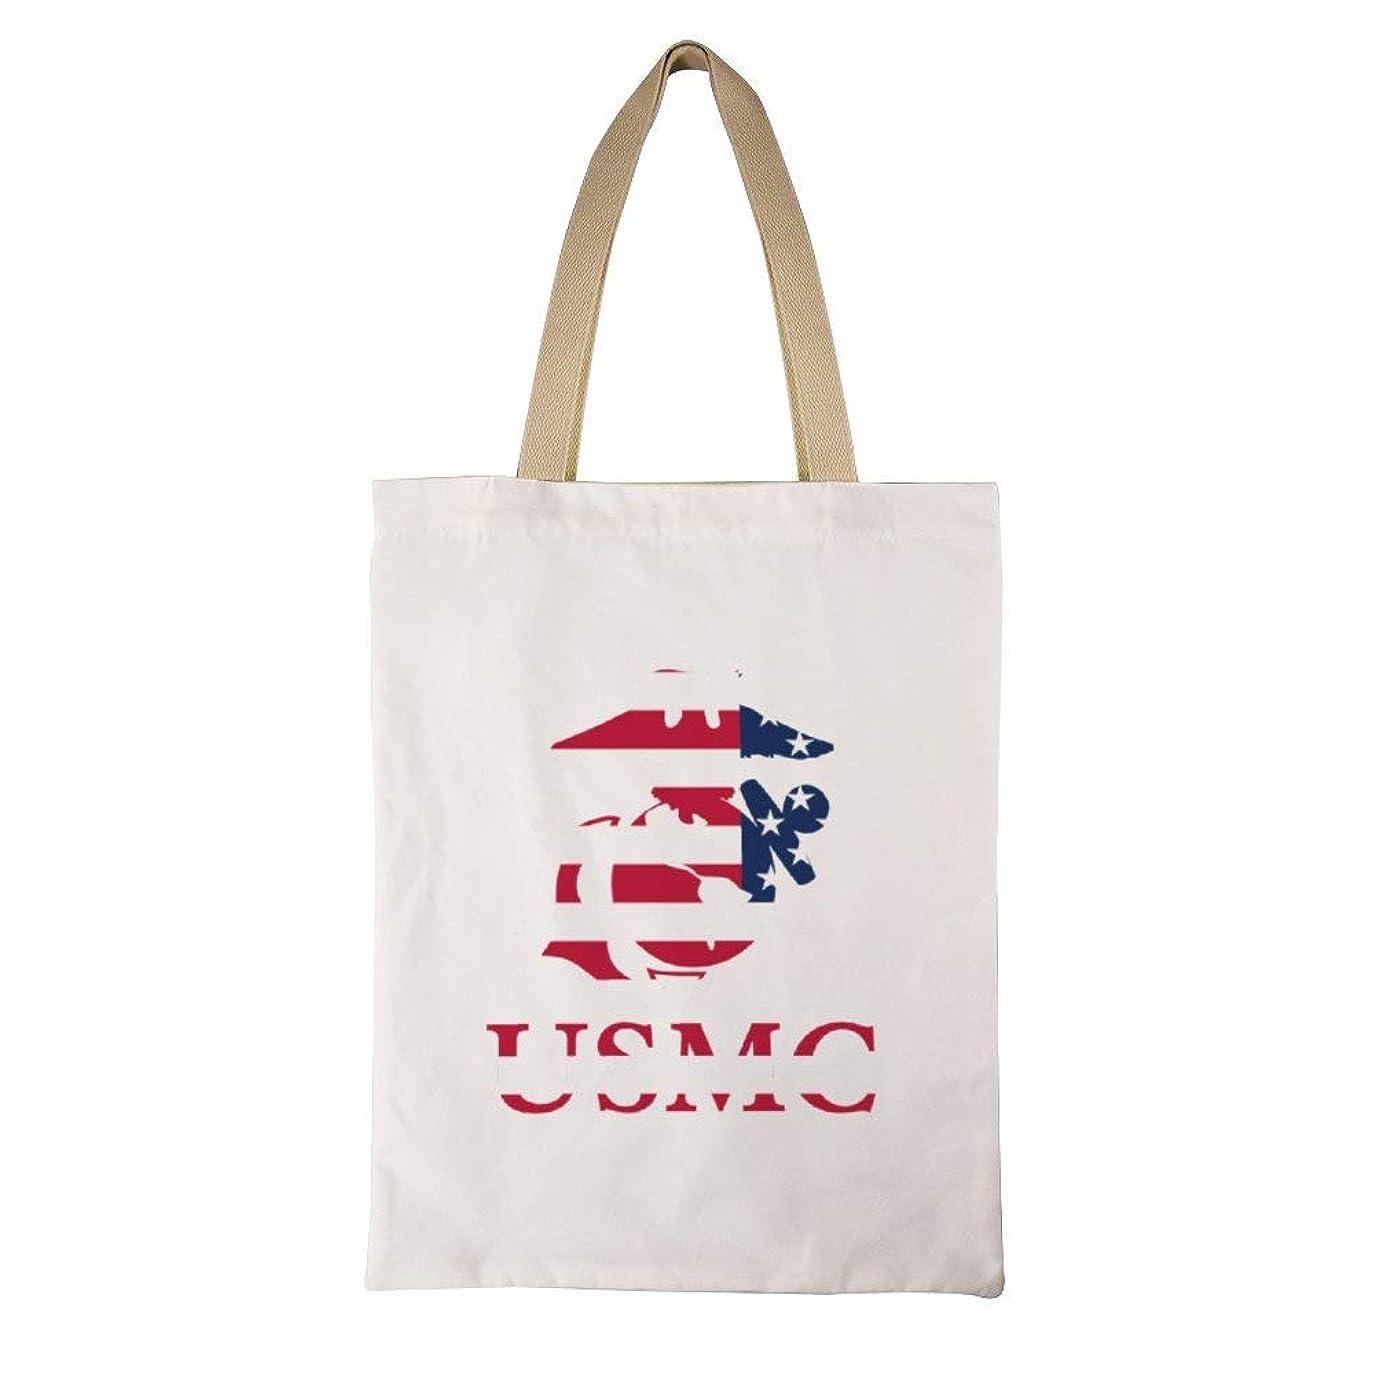 トラックディスカウントアナロジーMarine Corps USMC Logo レディース キャンバストートバッグ ハンドバッグキャンバスショルダーバッグ通勤通学 大容量 軽量